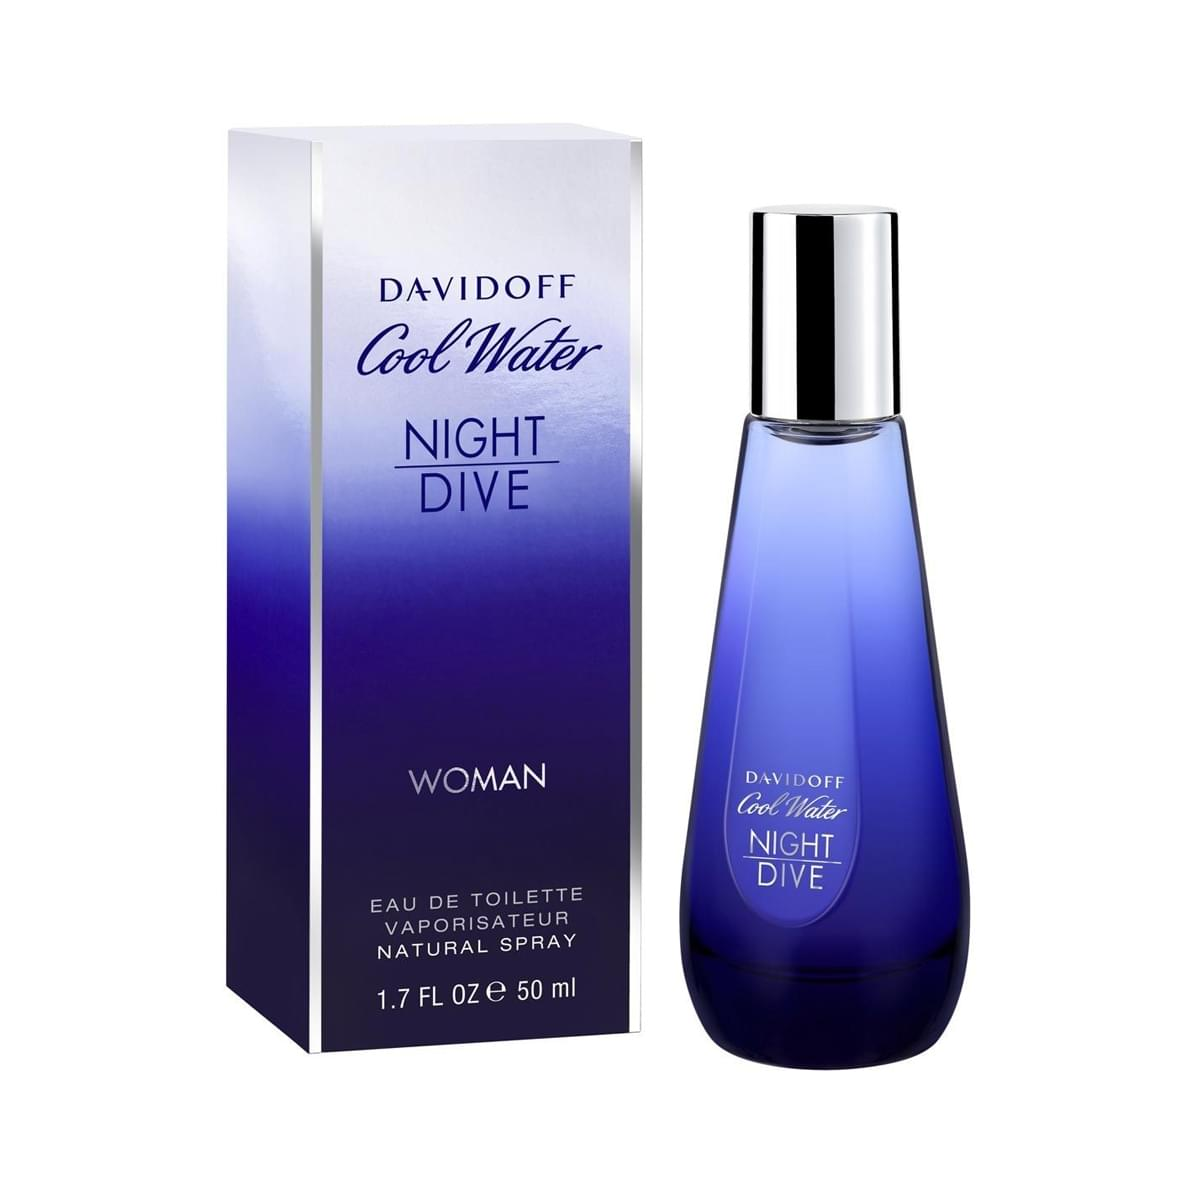 Nước hoa DAVIDOFF Cool Water Night Dive Woman EDT 50ml - Cảm giác mát lạnh